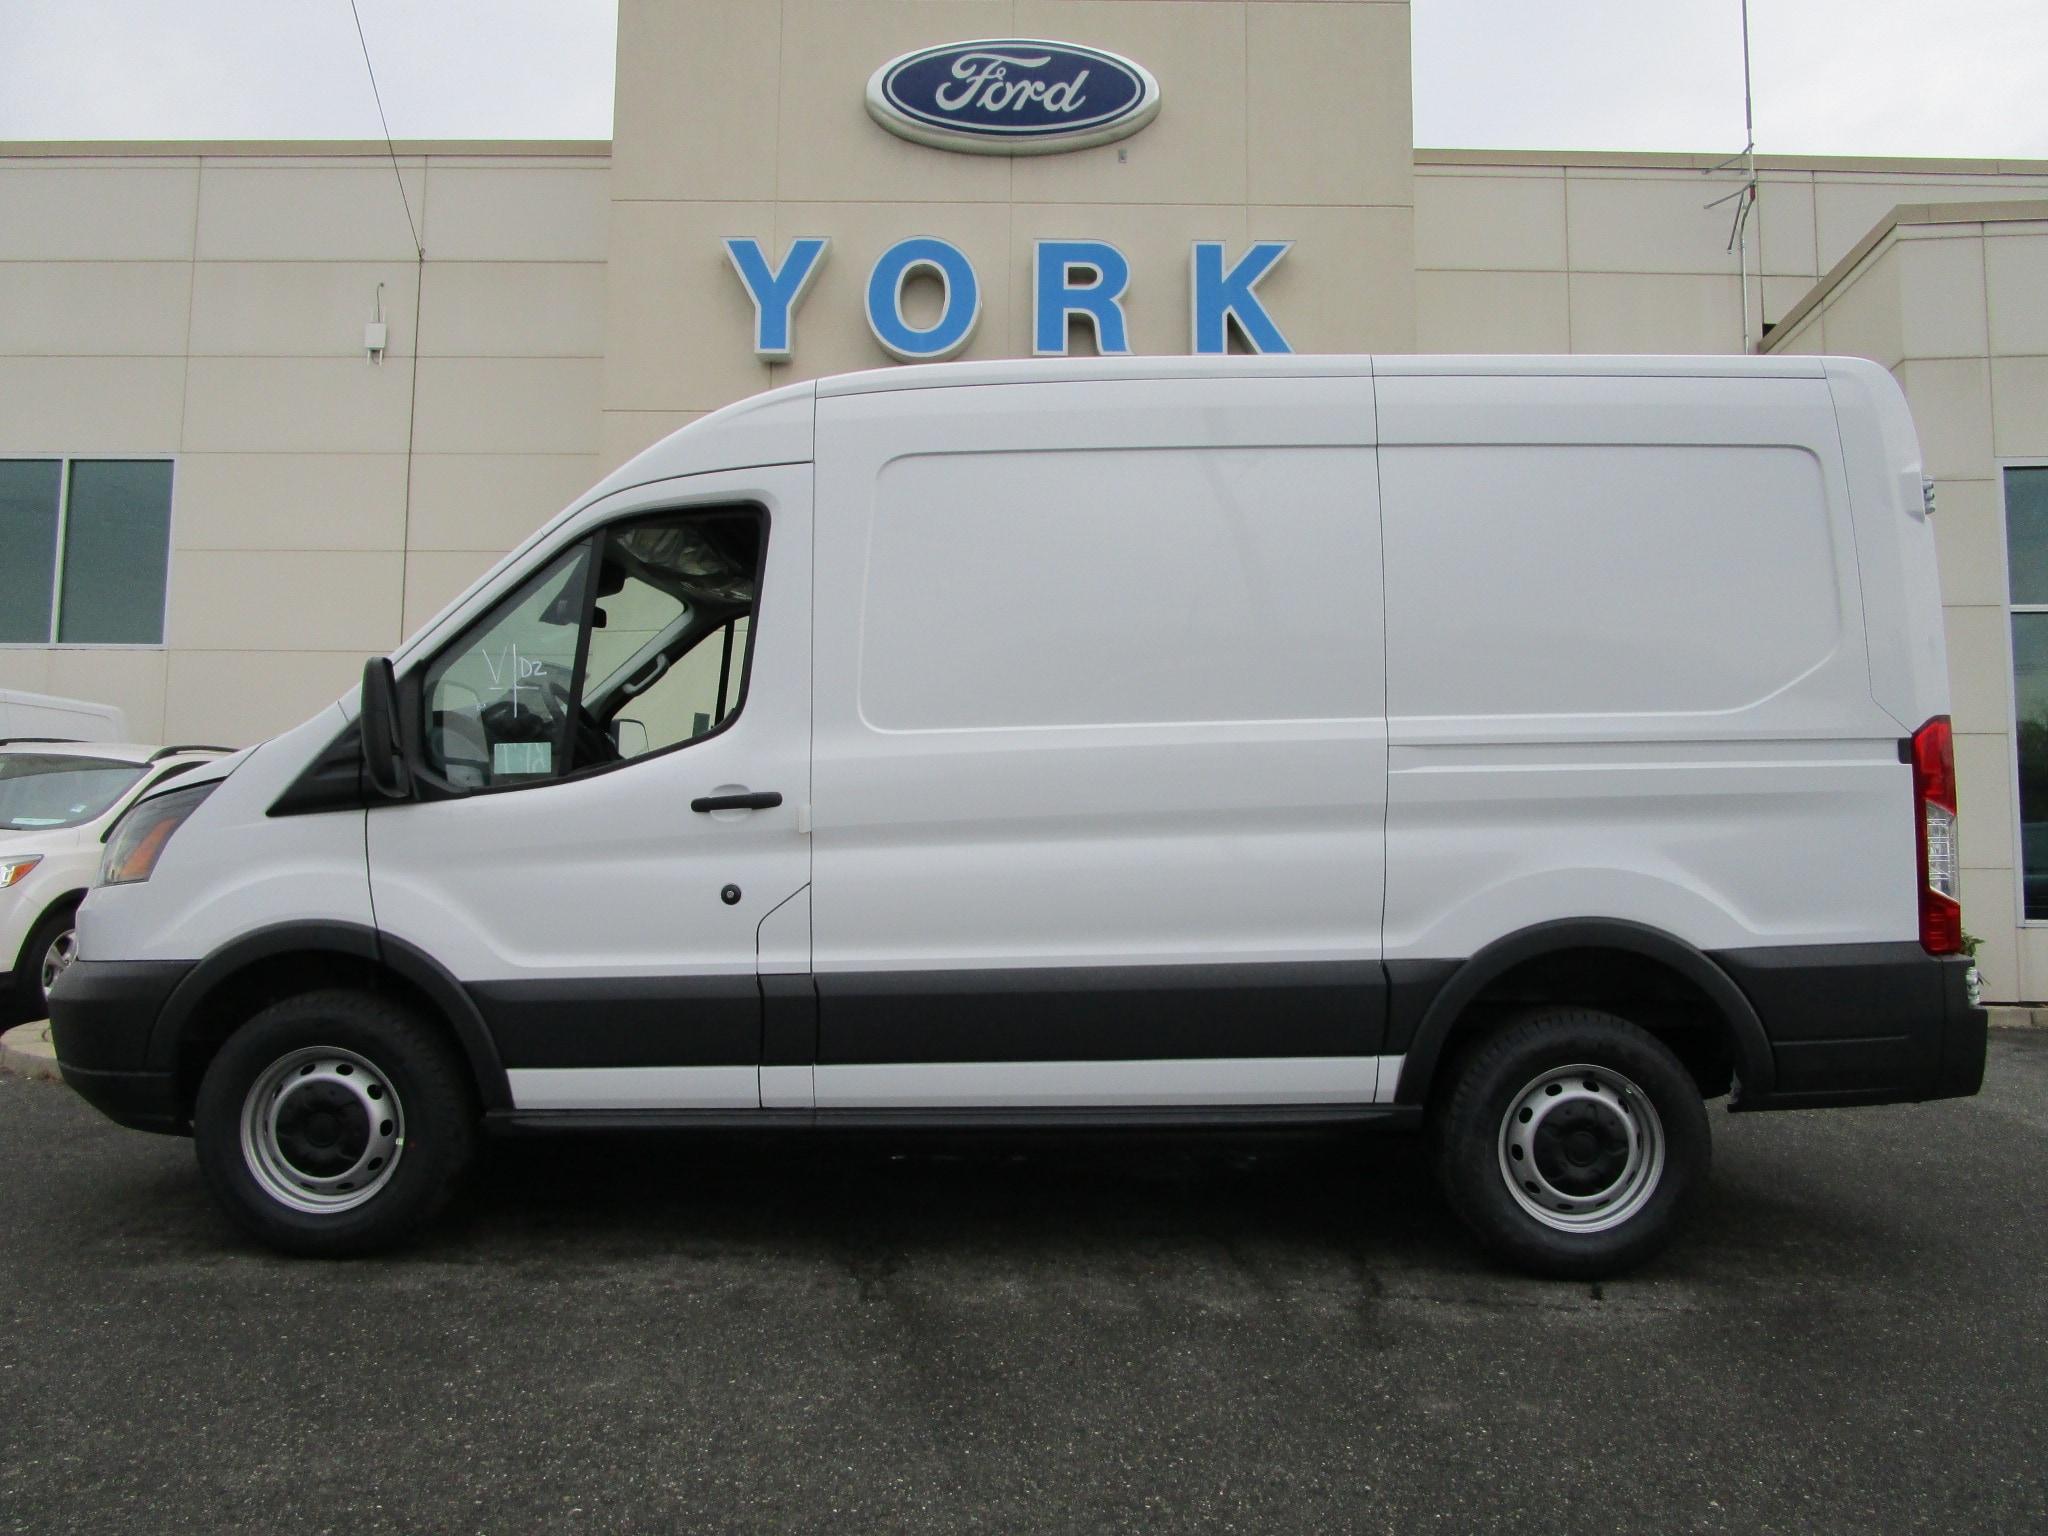 York Ford Inc